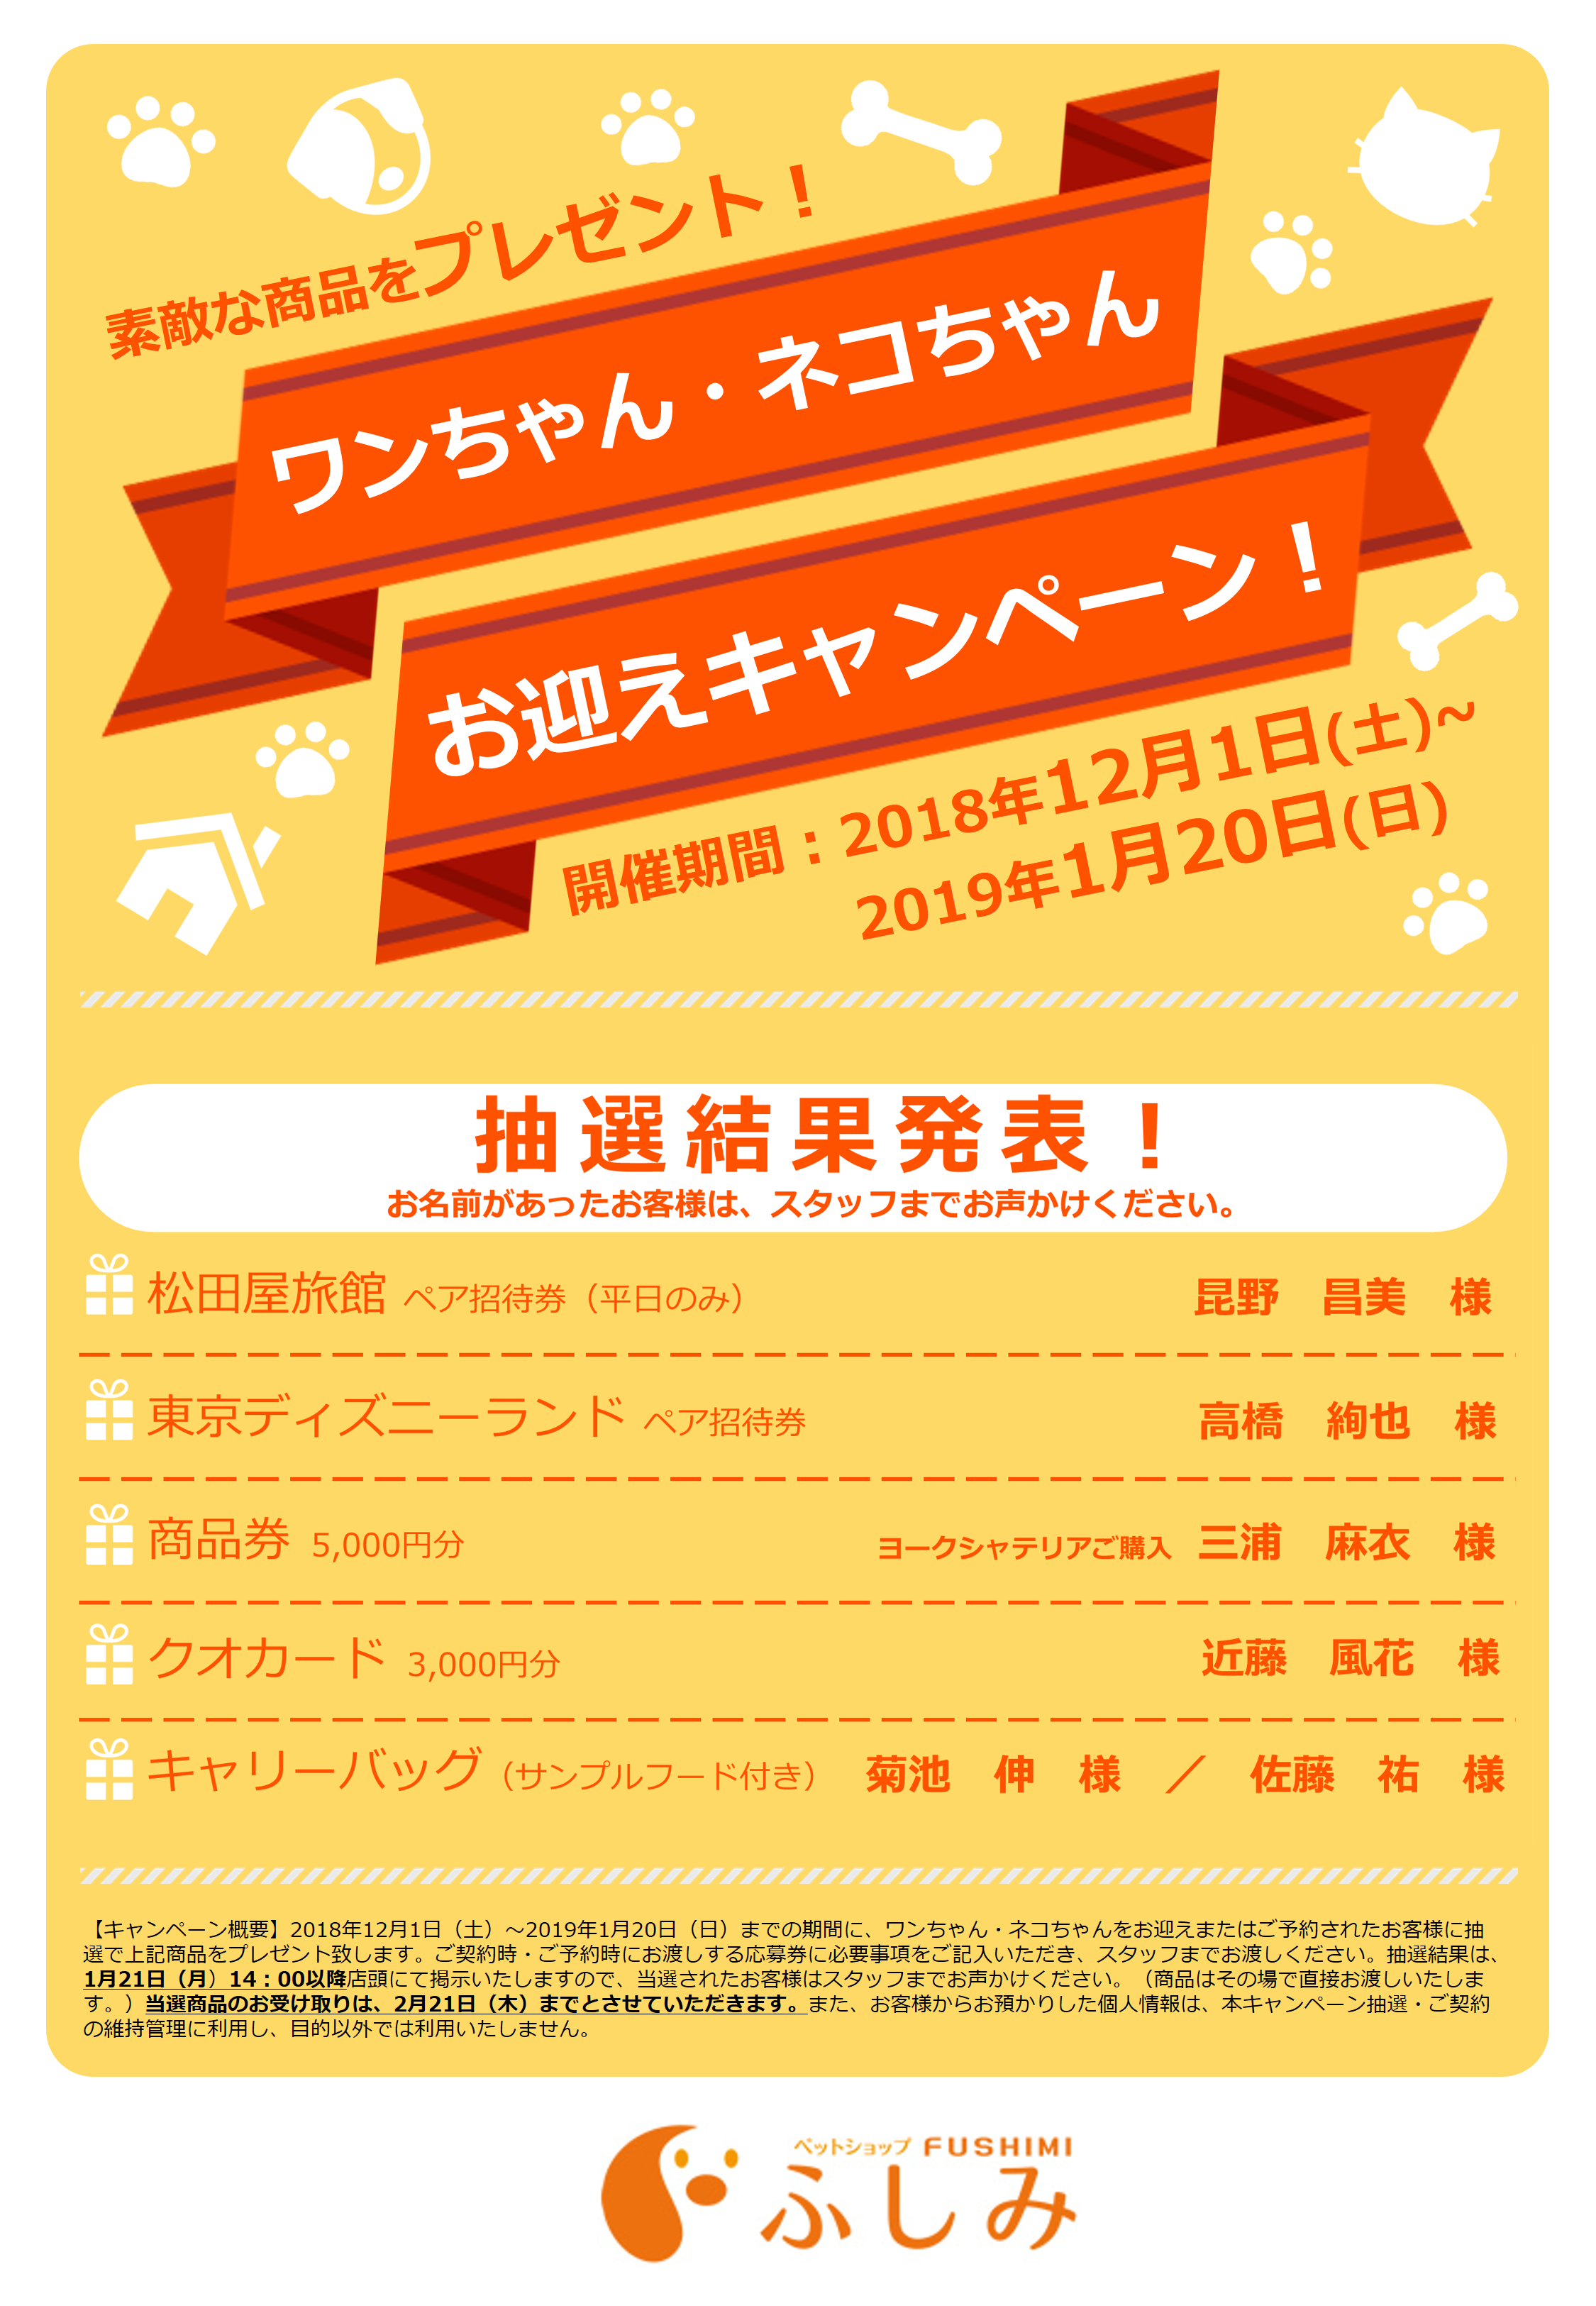 ペットショップふしみ一関店・第4弾・お迎えキャンペーン1月21日抽選結果発表